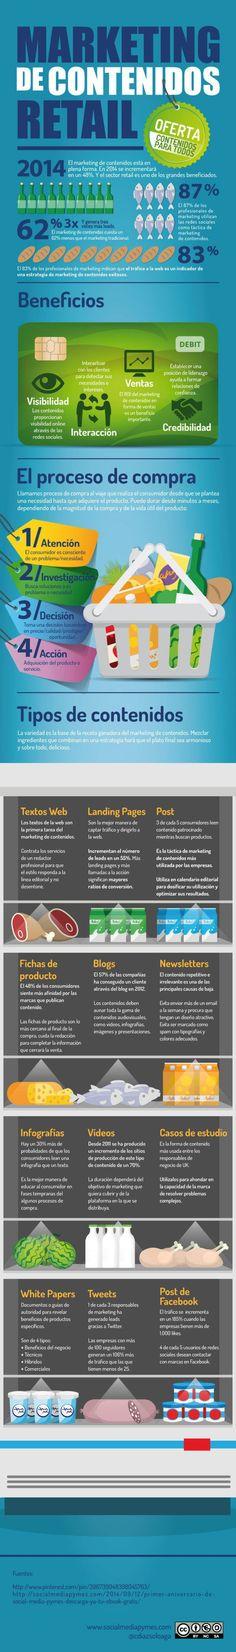 Marketing de contenidos, 15 infografías que no te puedes perder